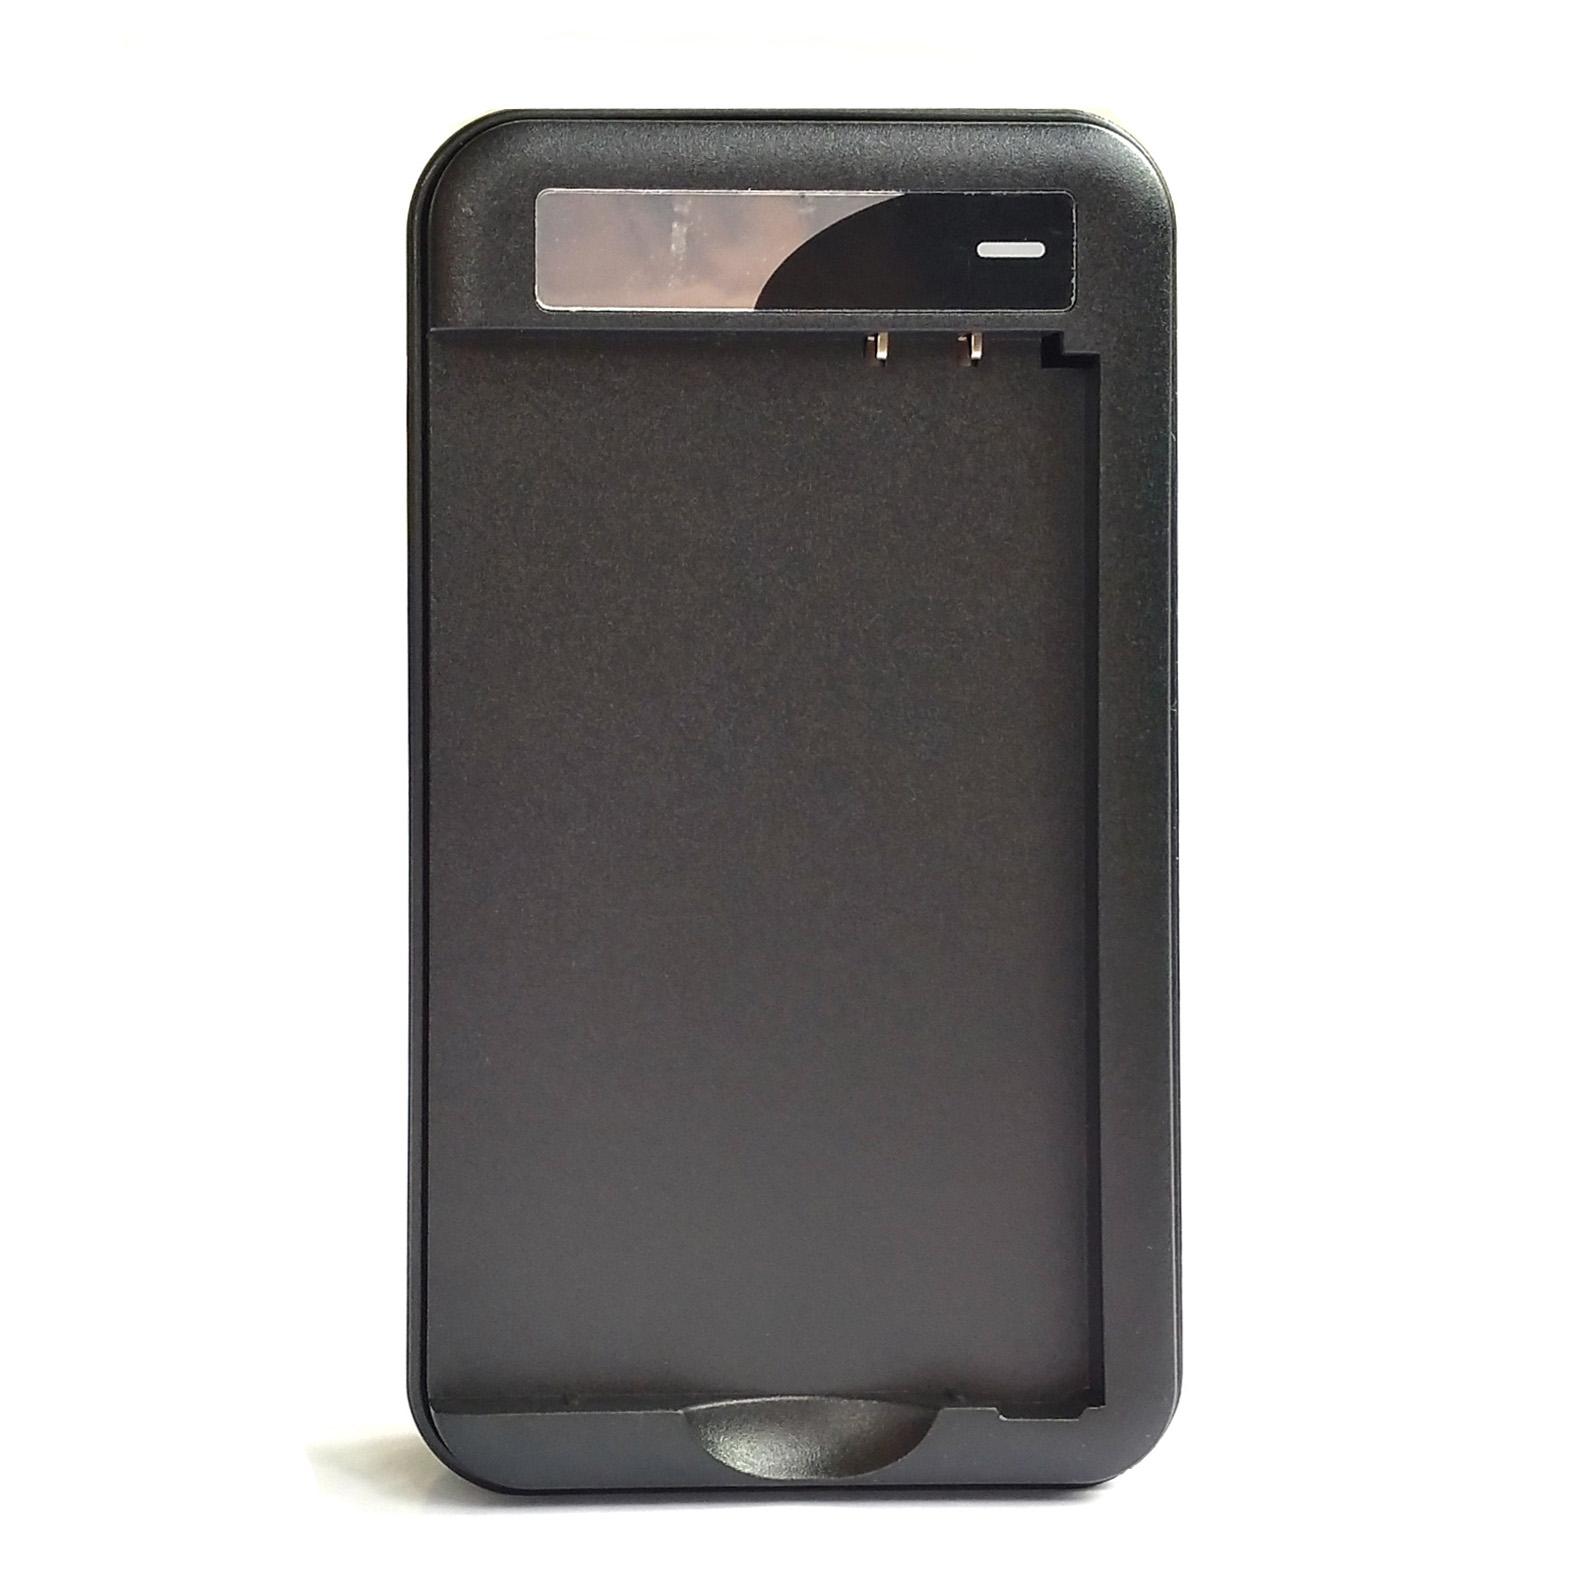 壹博源适合LGV20充电器座充H990N F800 H990电池BL-44E1F电池充